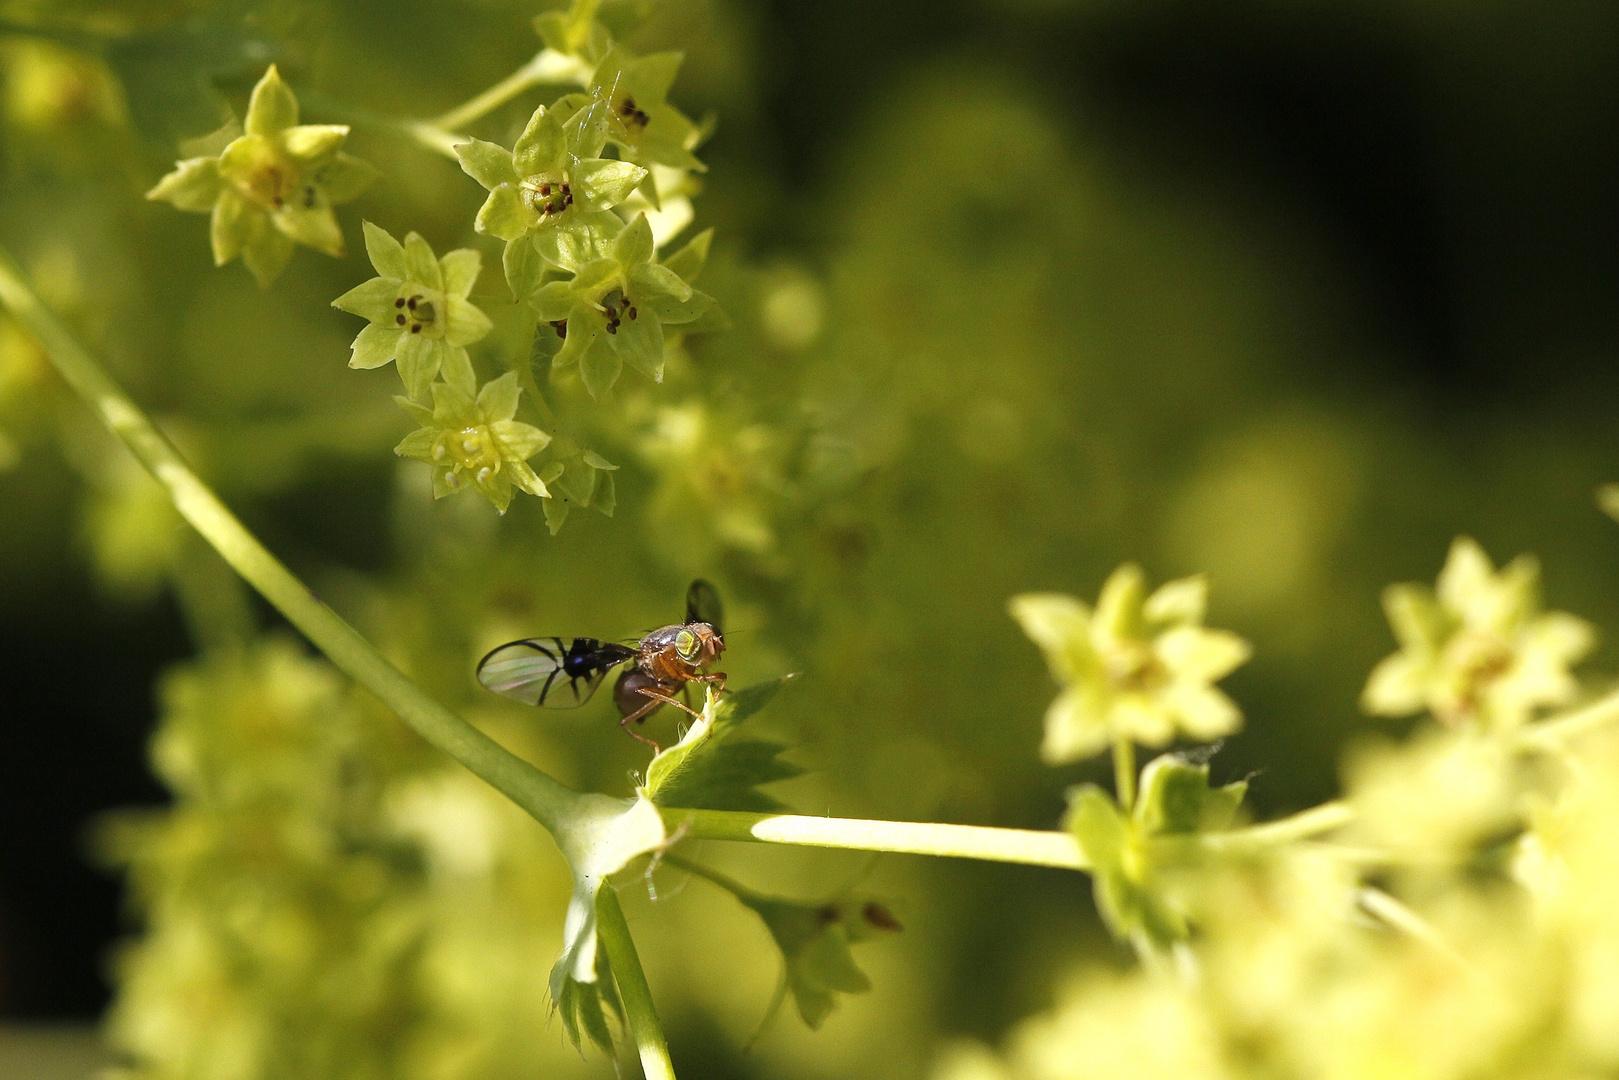 bohrfliege mit grünen augen